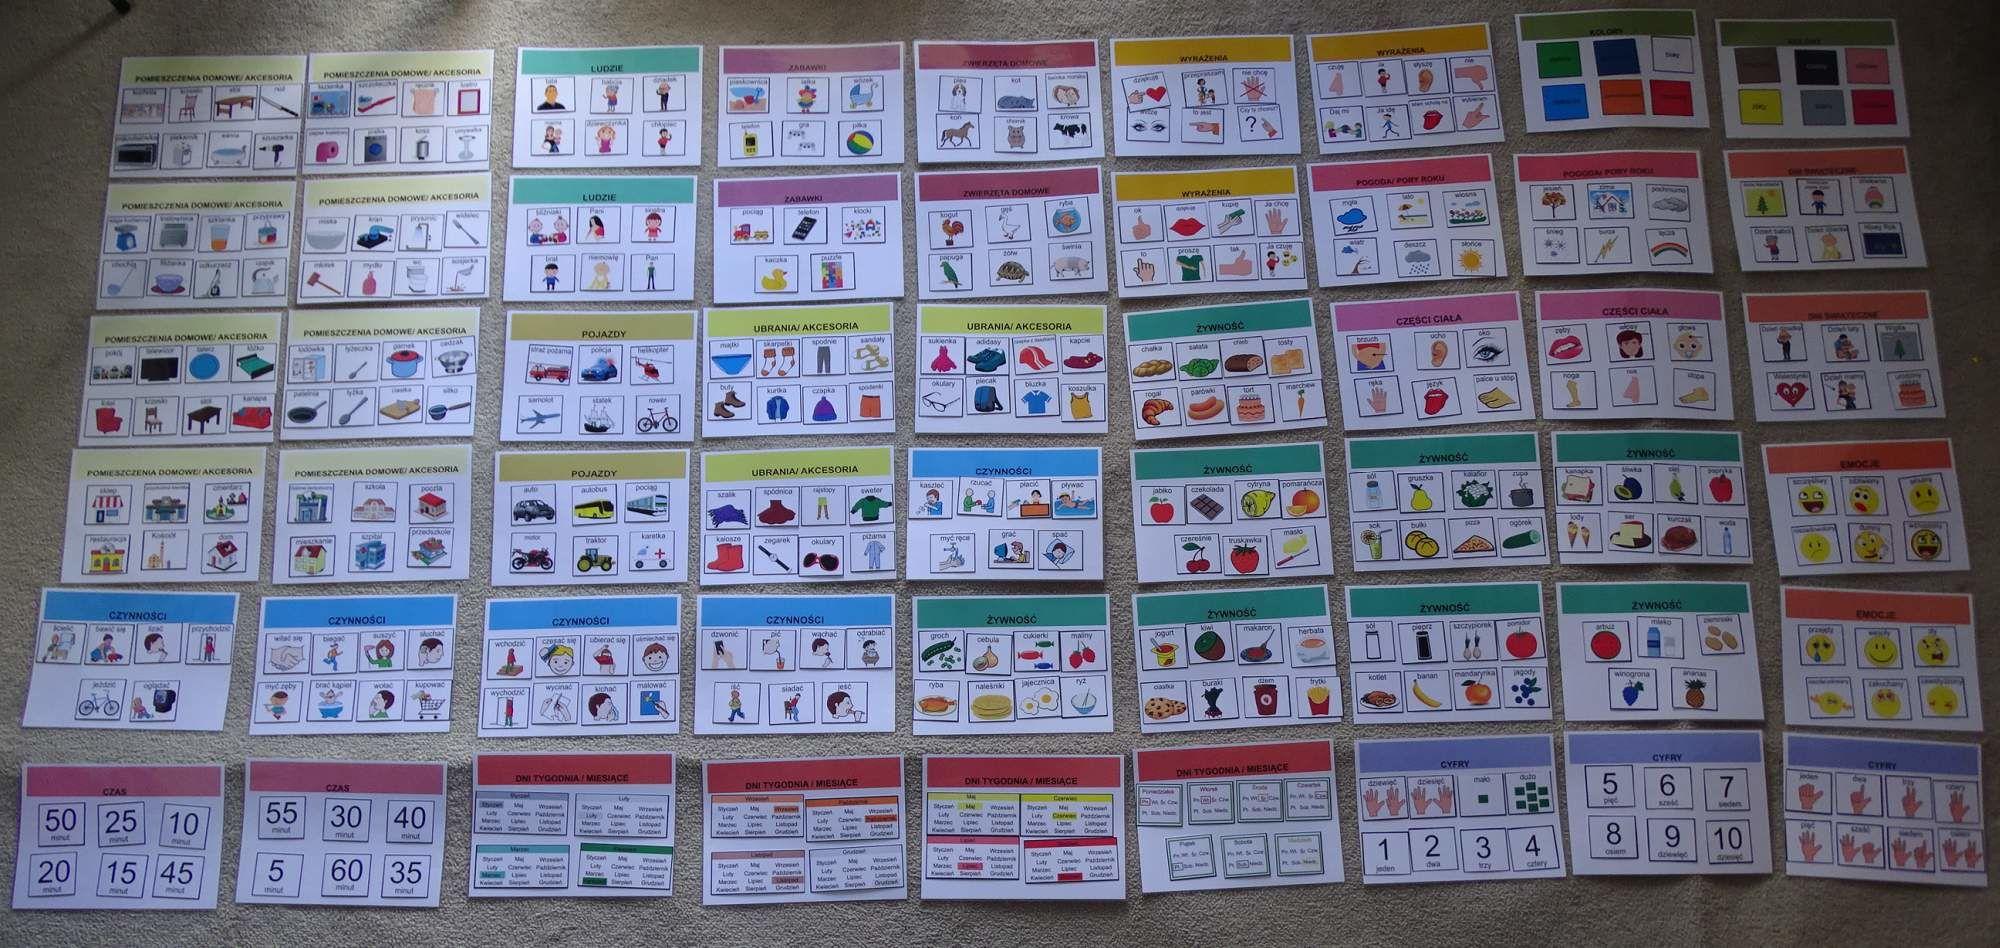 Mega zestaw piktogramów (obrazków tematycznych) wraz z 54 sztuk kart aktywności Mega zestaw piktogramów z kartami aktywności